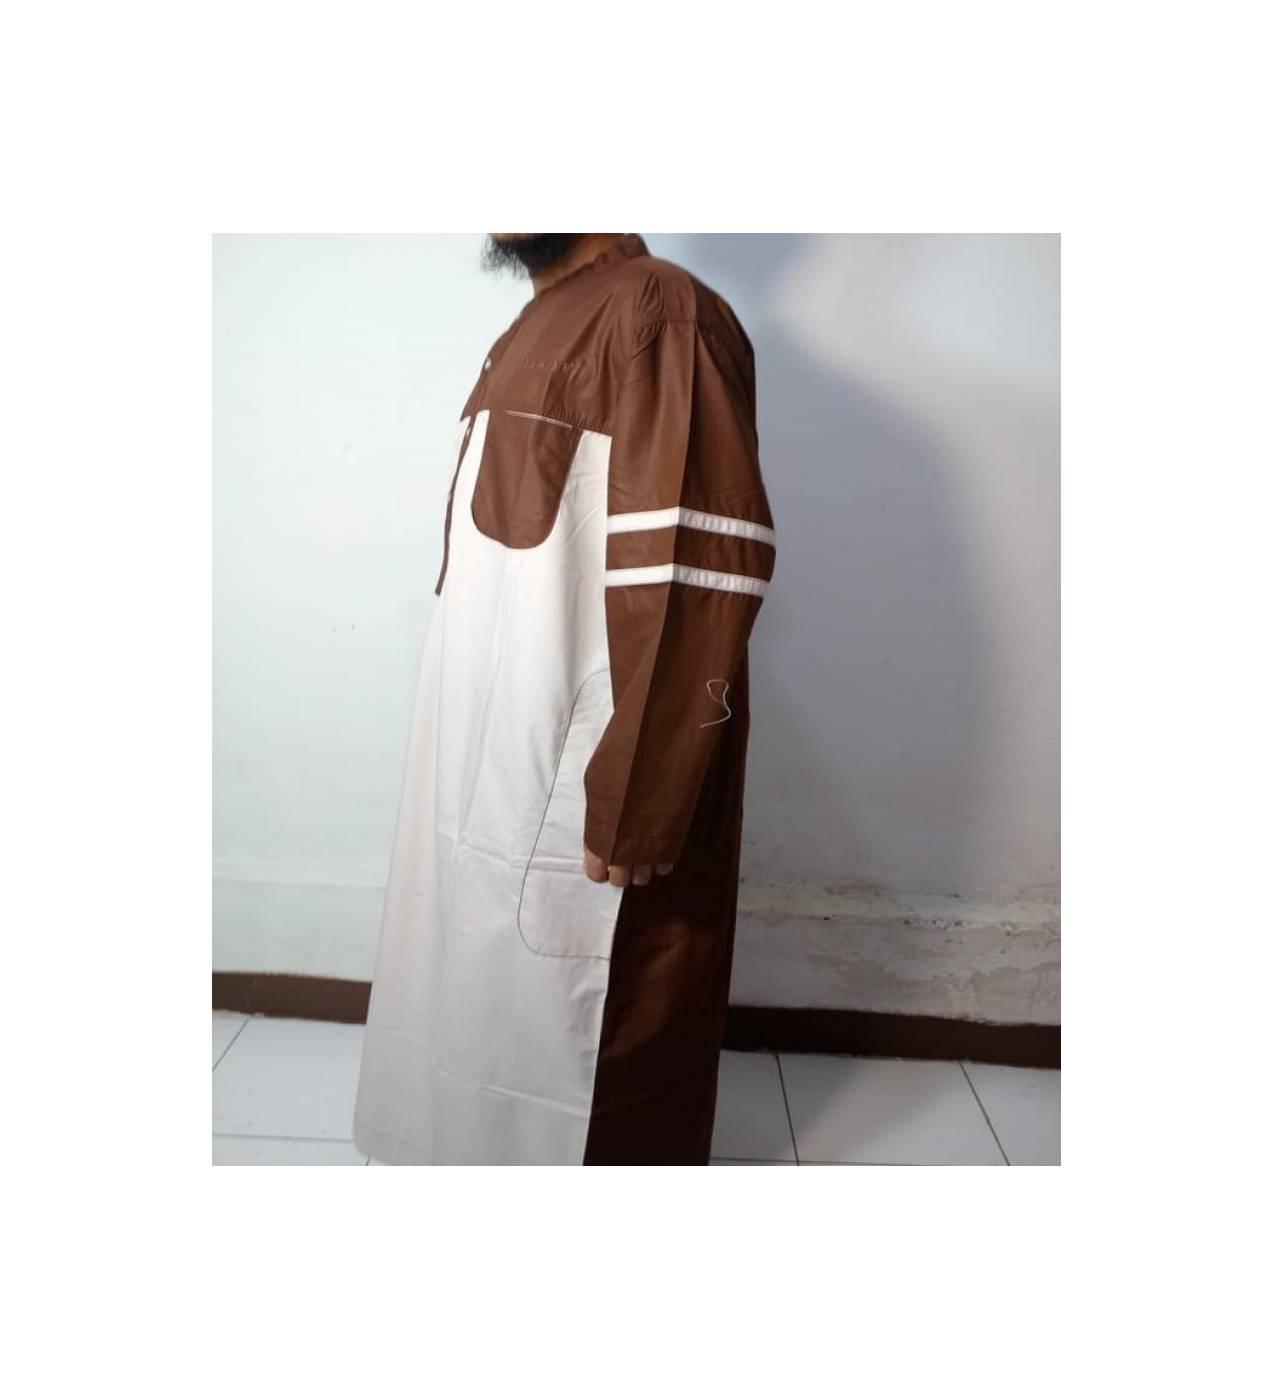 Baju Gamis-Baju Jubah Pria Warna Putih-Coklat Lengan Garis-Samase